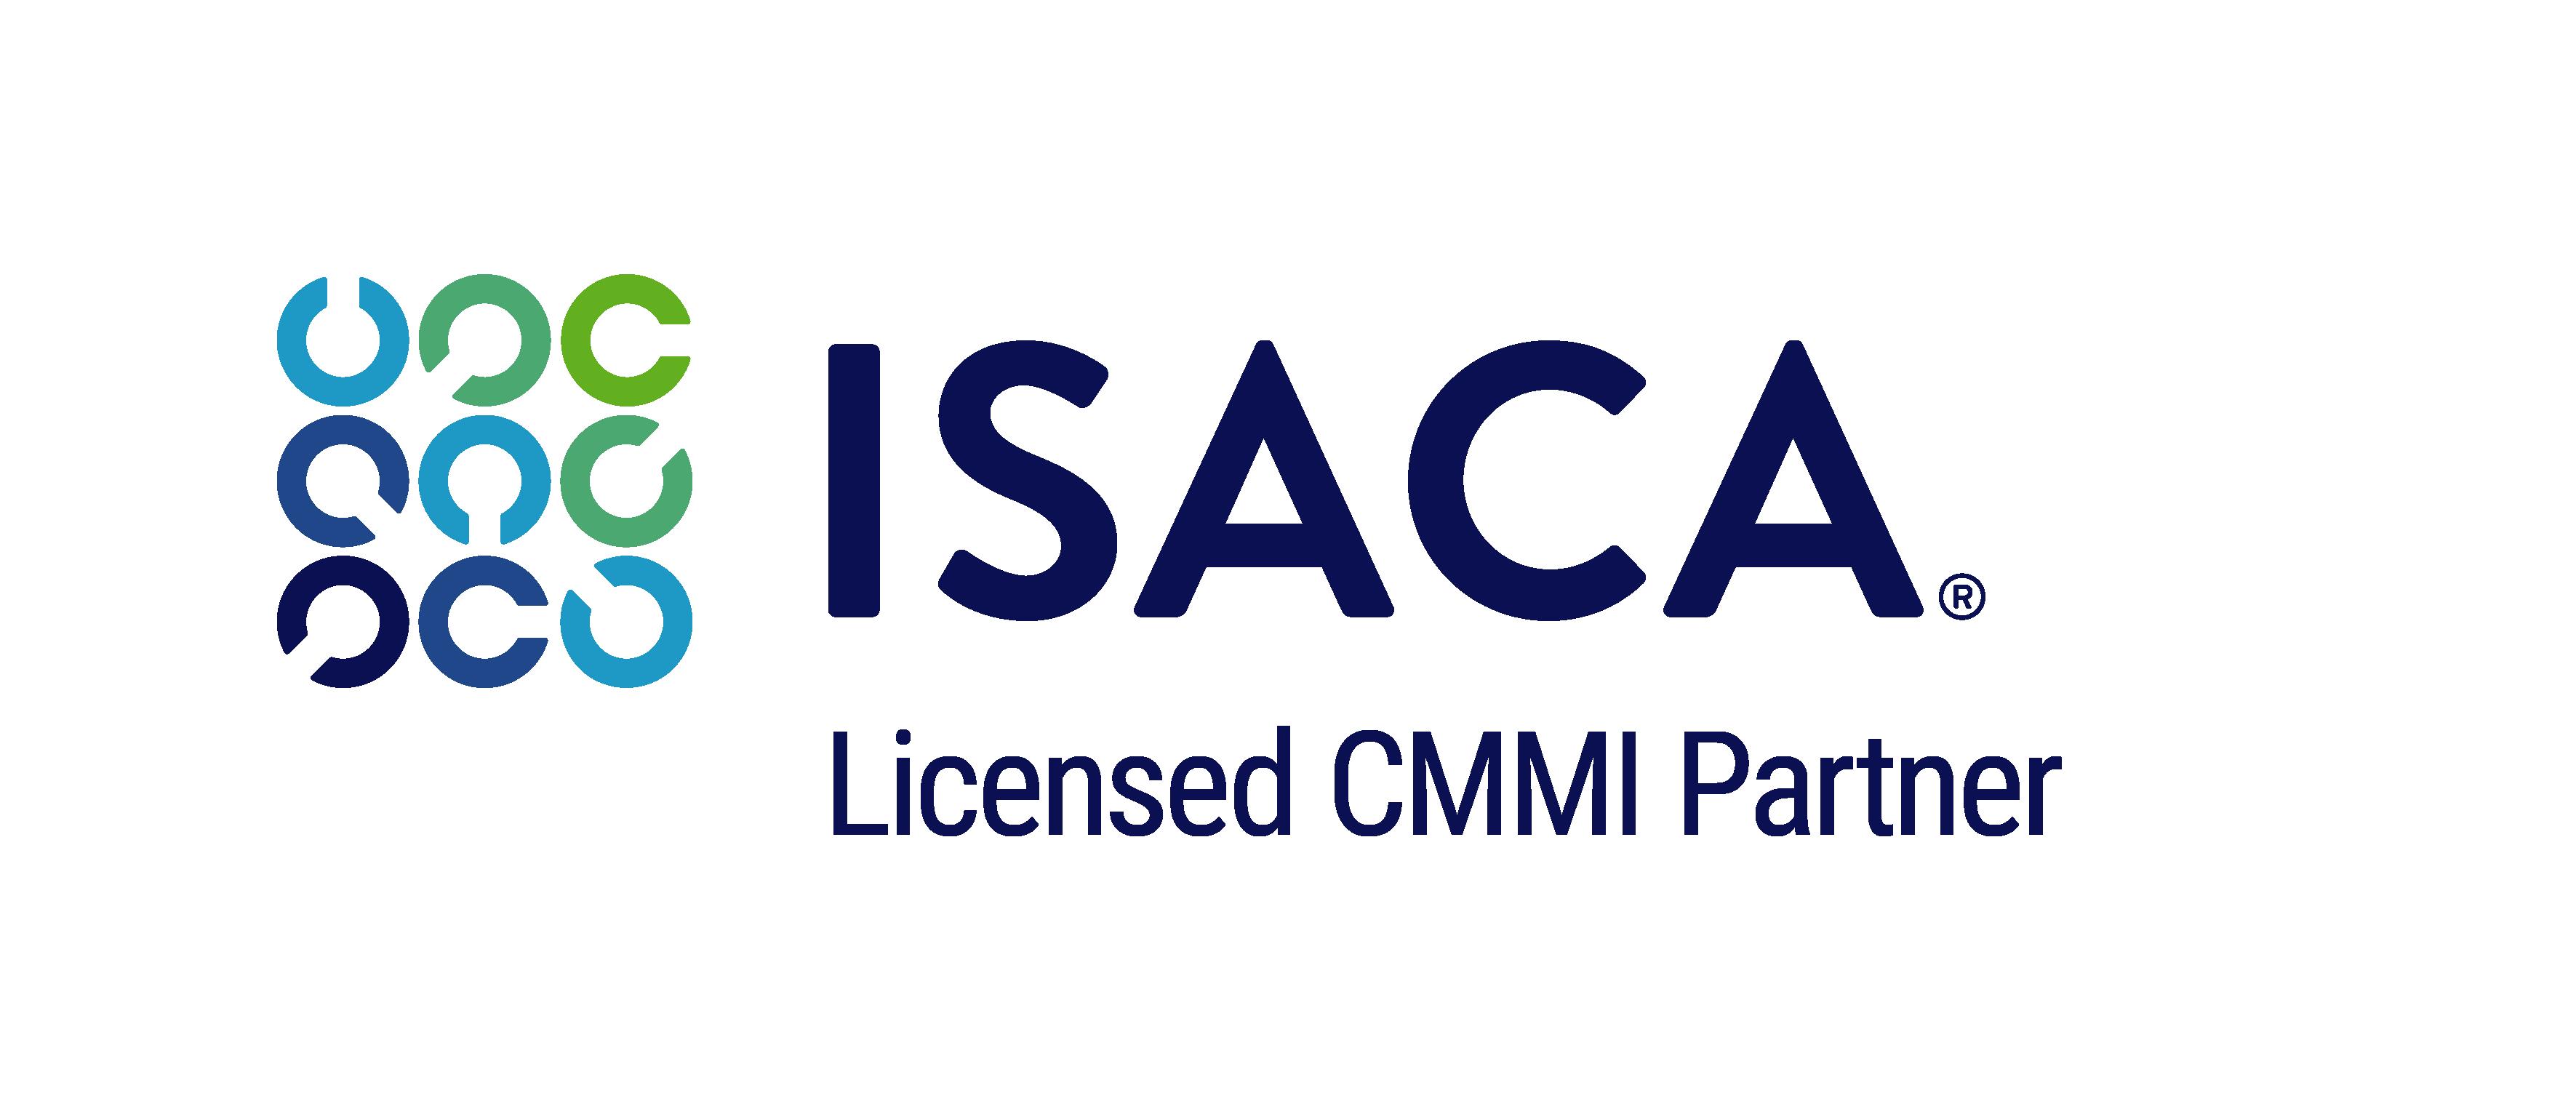 ISACA CMMI Partner logo